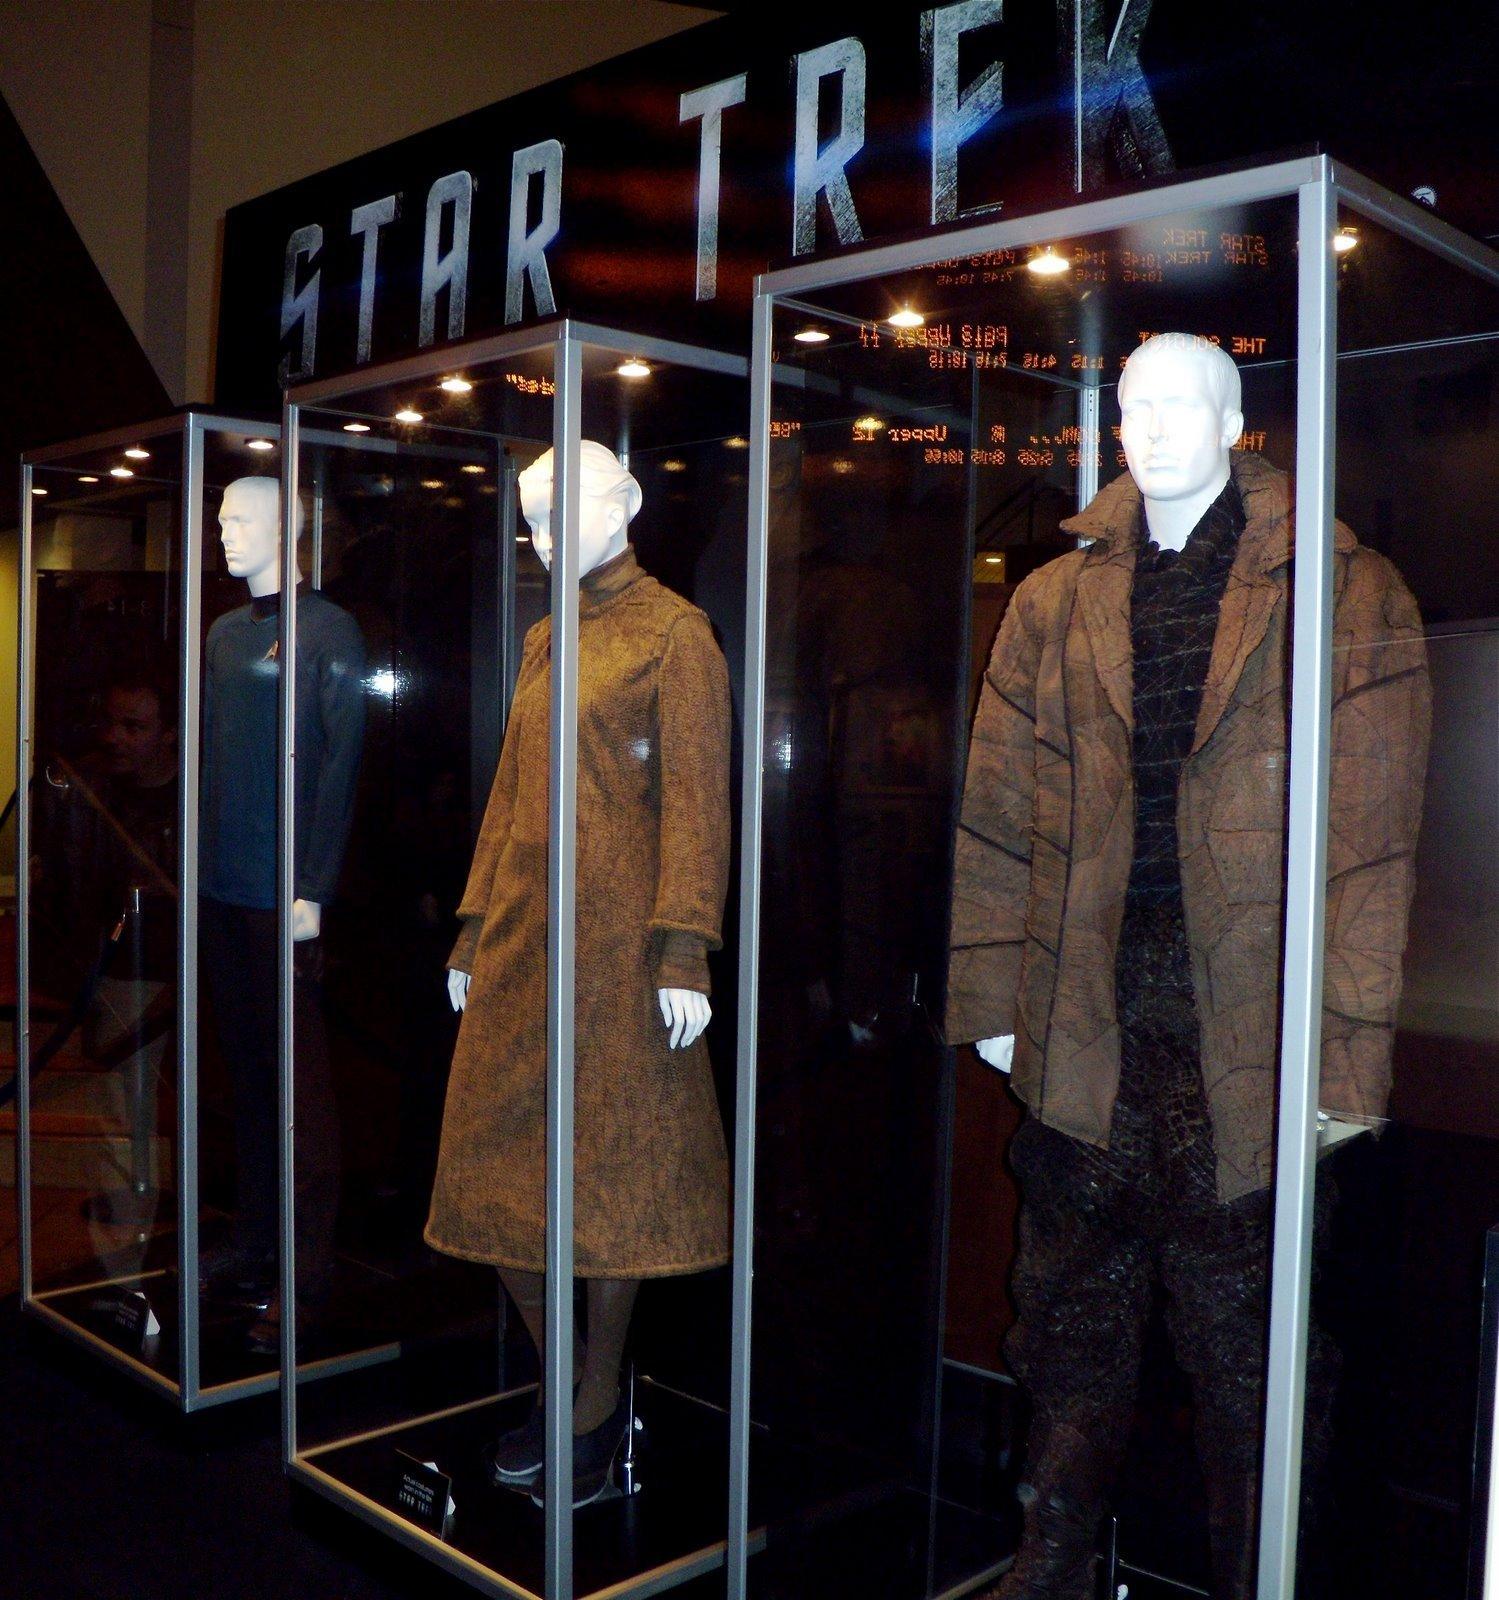 bituin Trek Movie Costumes